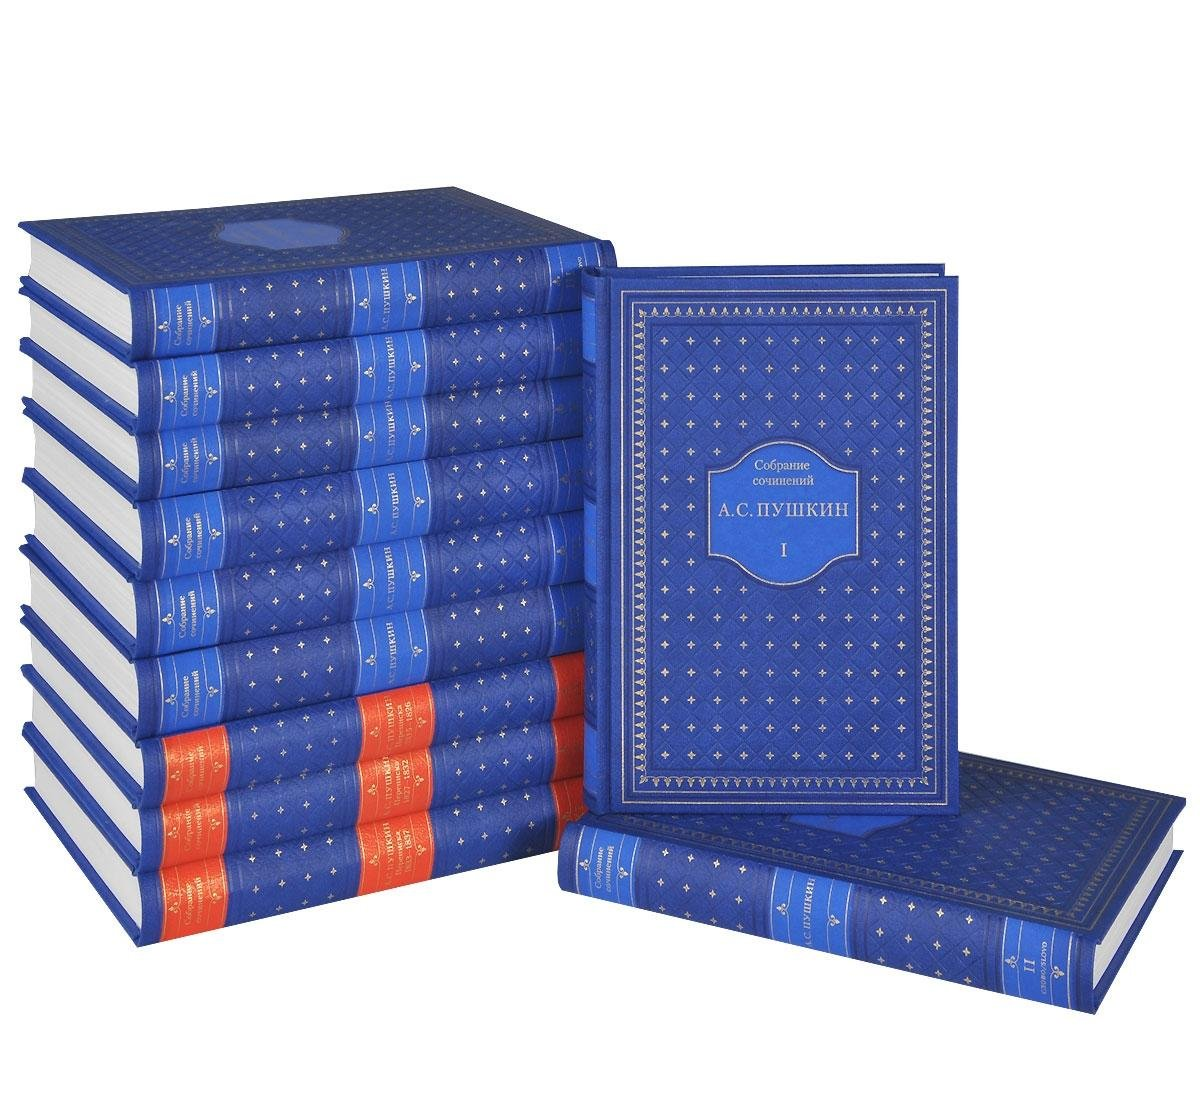 A. S. Pushkin. Sobranie sochineniy v 11 tomah. 9, 10, 11 tt - perepiska bez kupyur (podarochnoe izdanie) PDF